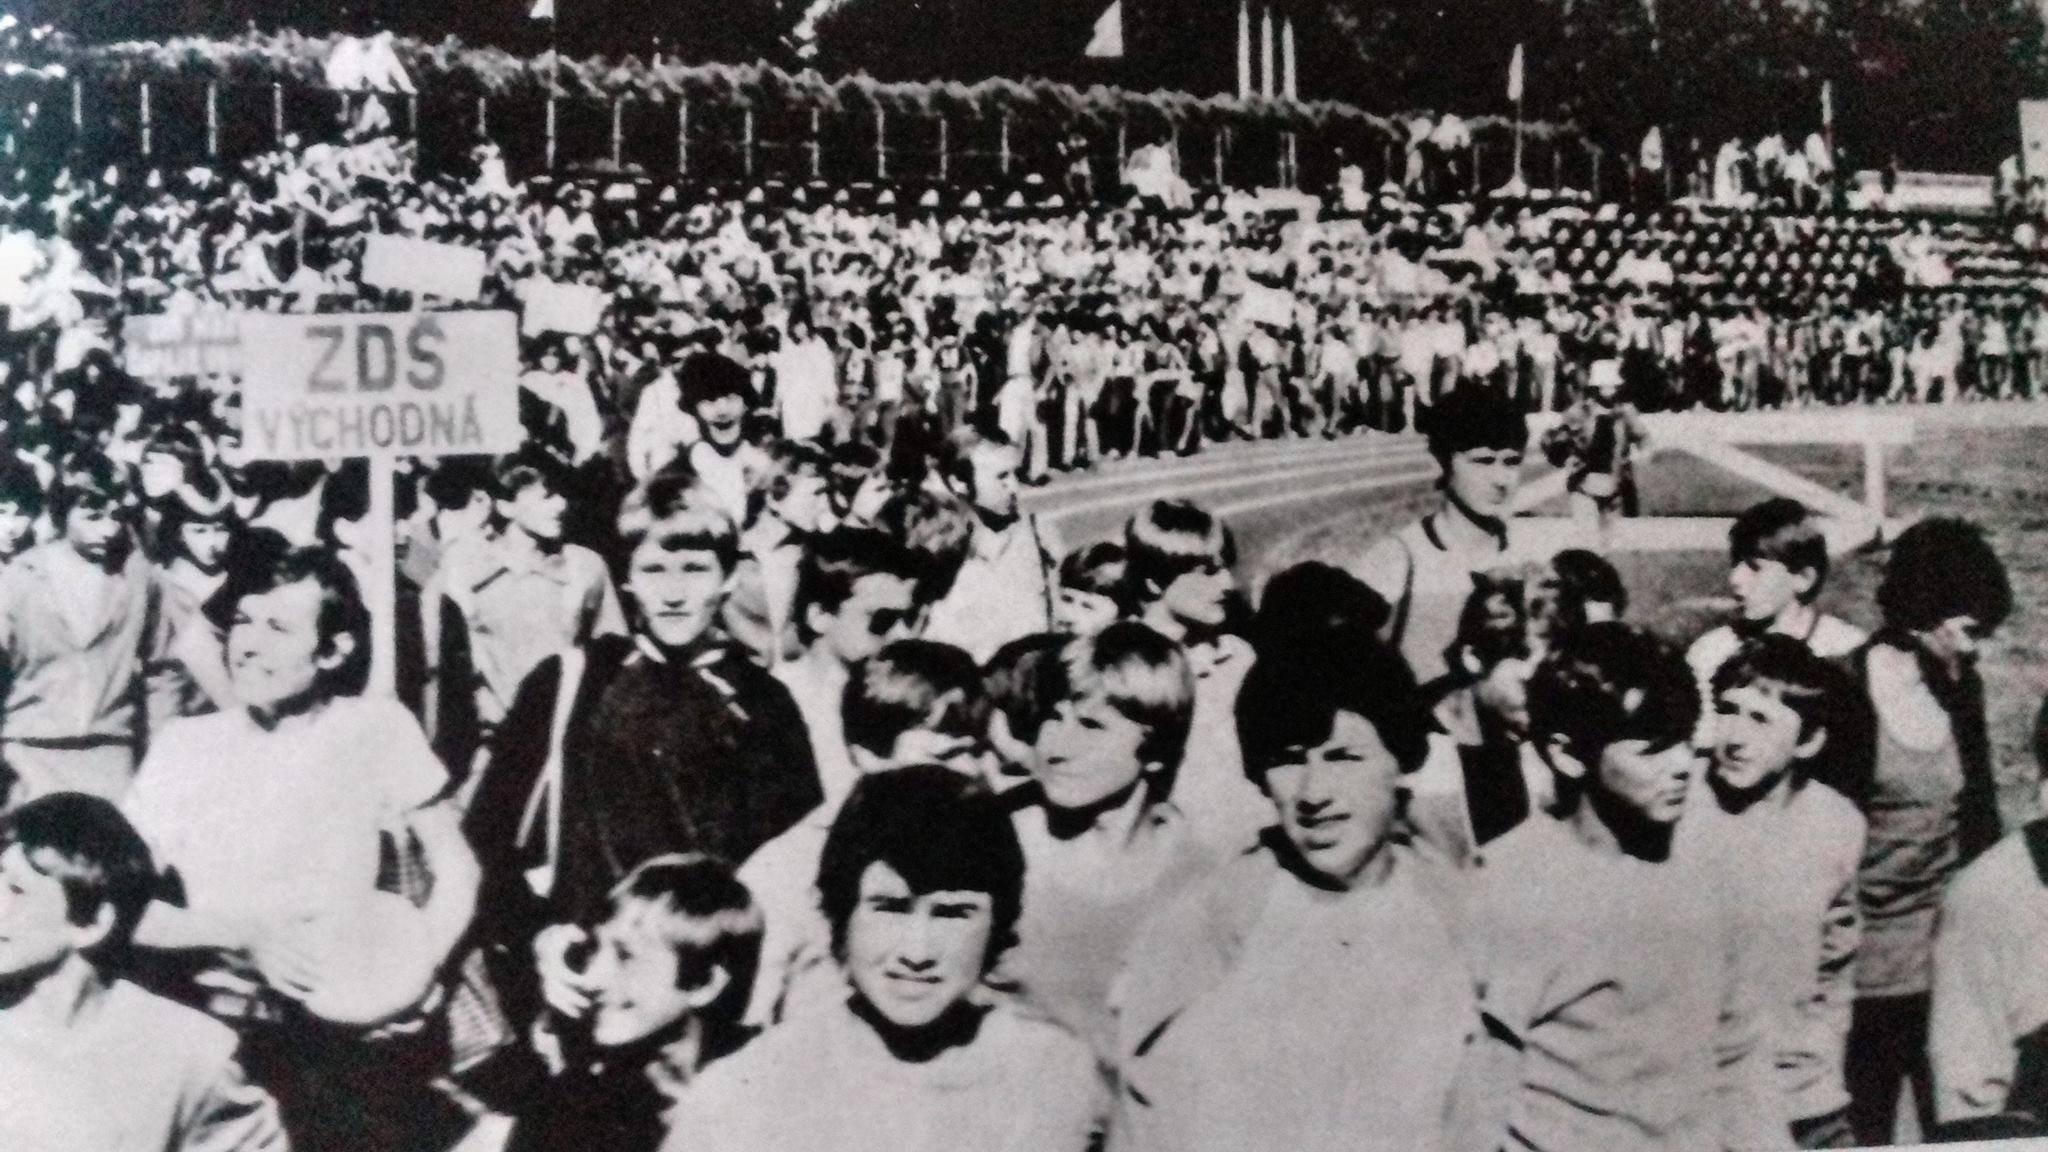 Turčianske hry mládeže na štadione. ZDŠ Východná, 70te roky